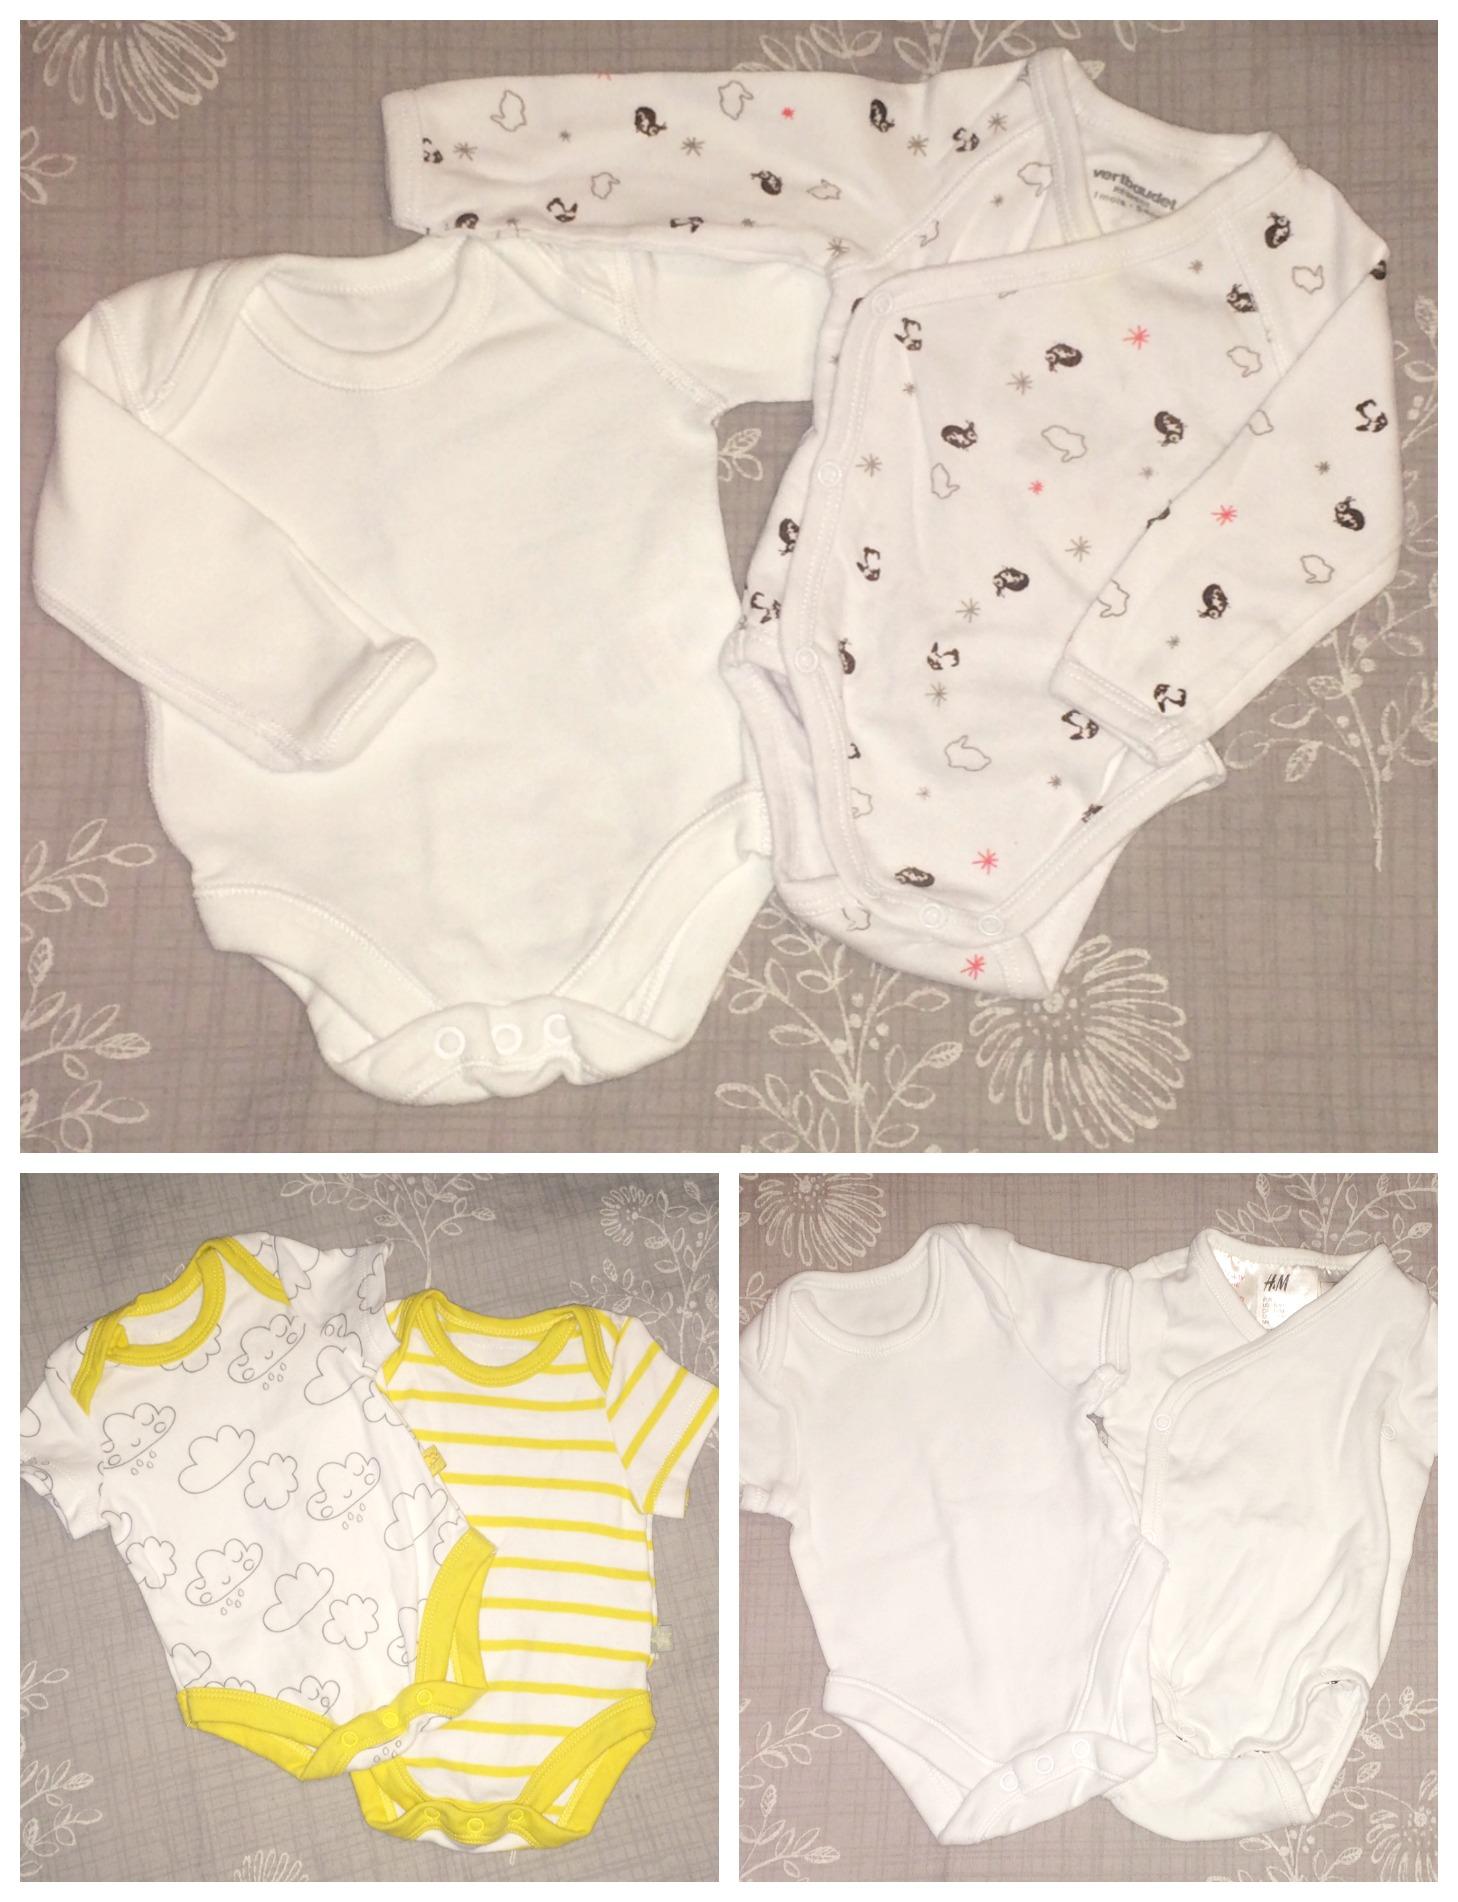 baby hospital bag vests